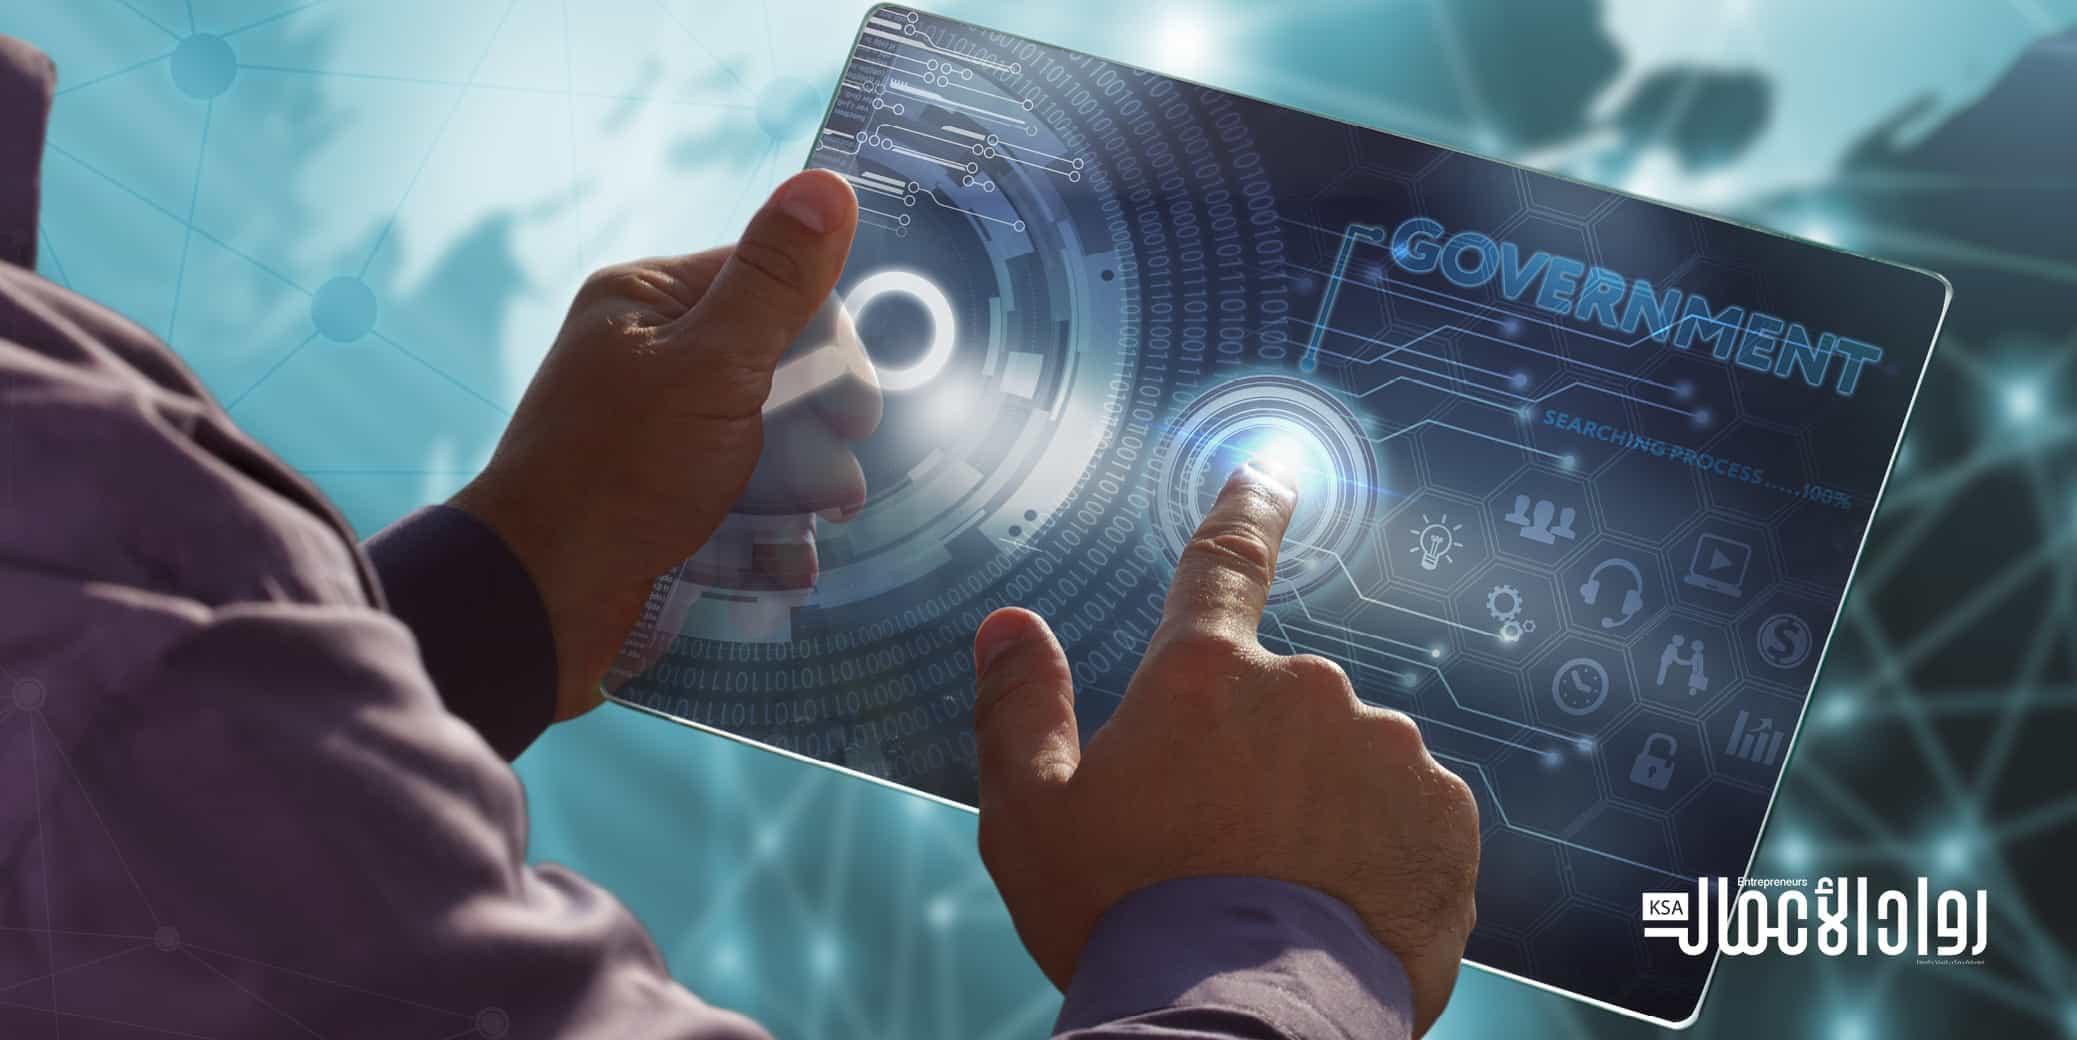 فوائد الحوكمة الإلكترونية ثورة تخالف المألوف